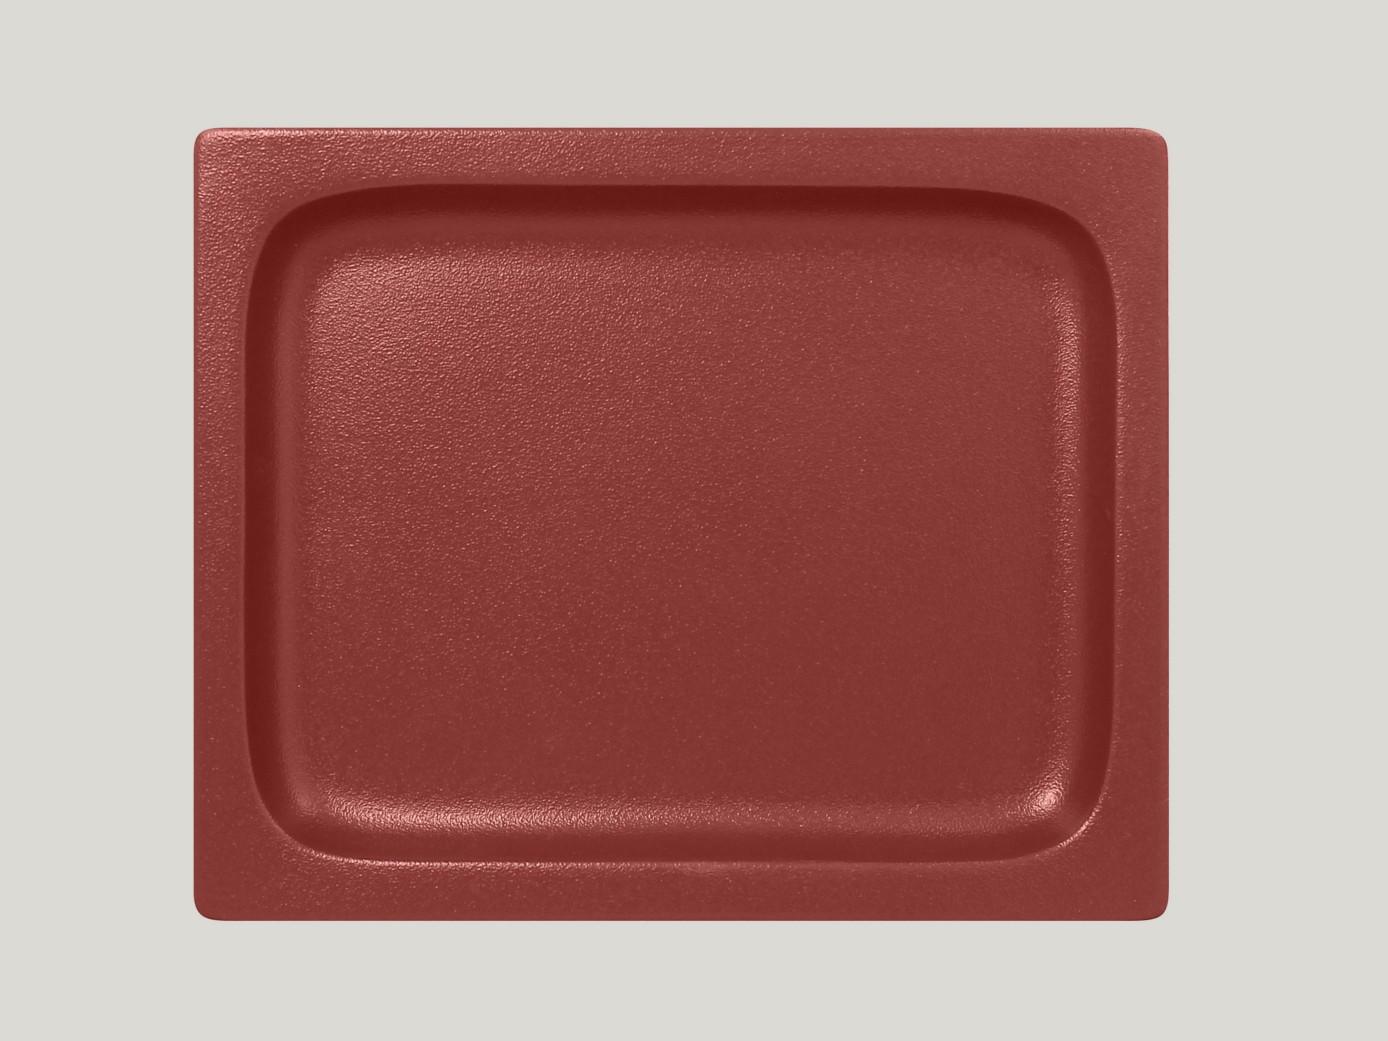 Gastronádoba GN 1/2 020 mm - tmavě červená